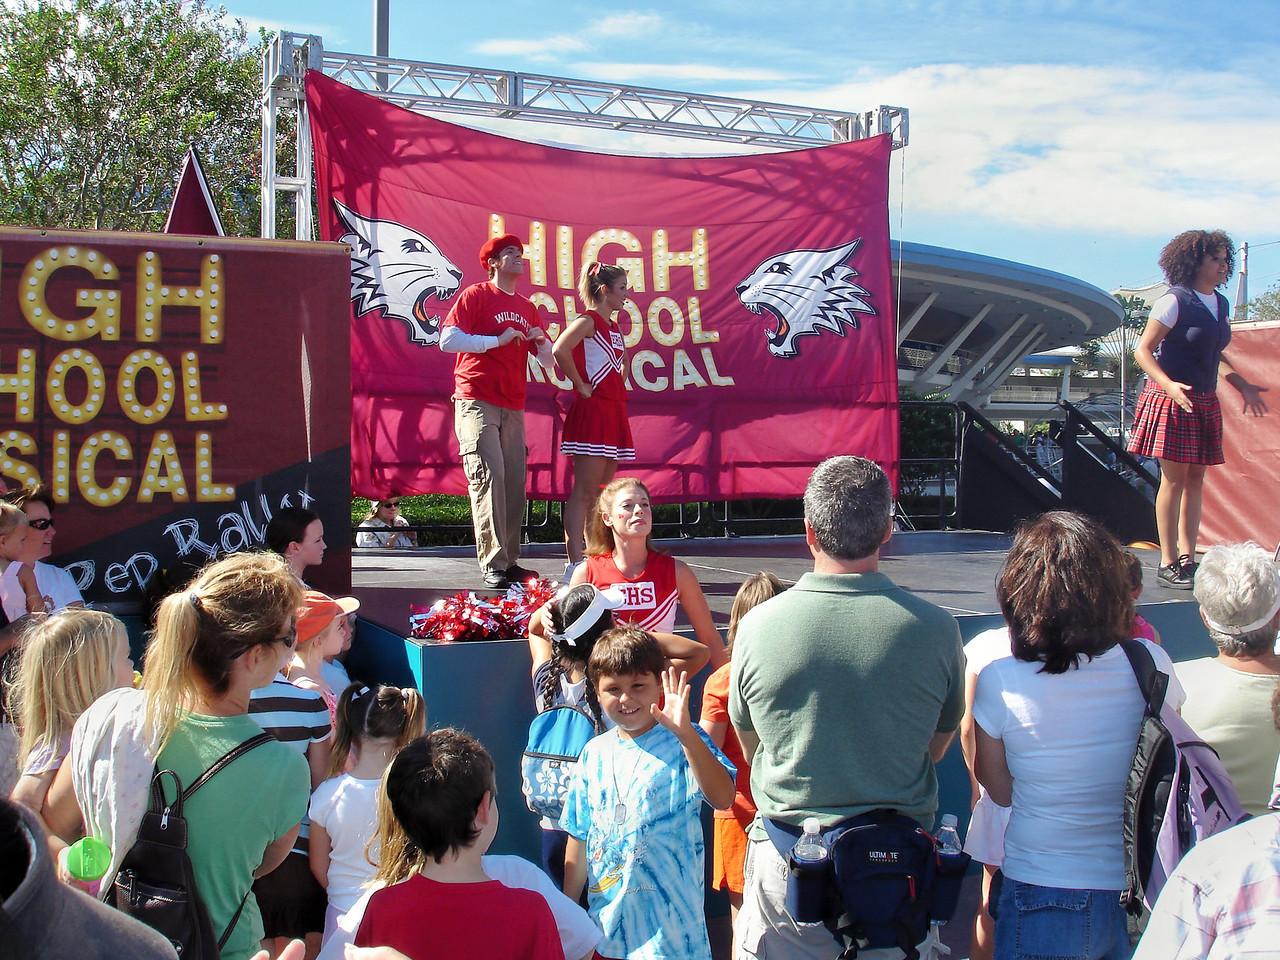 Mauricio posando con el espectaculo de High School Musical